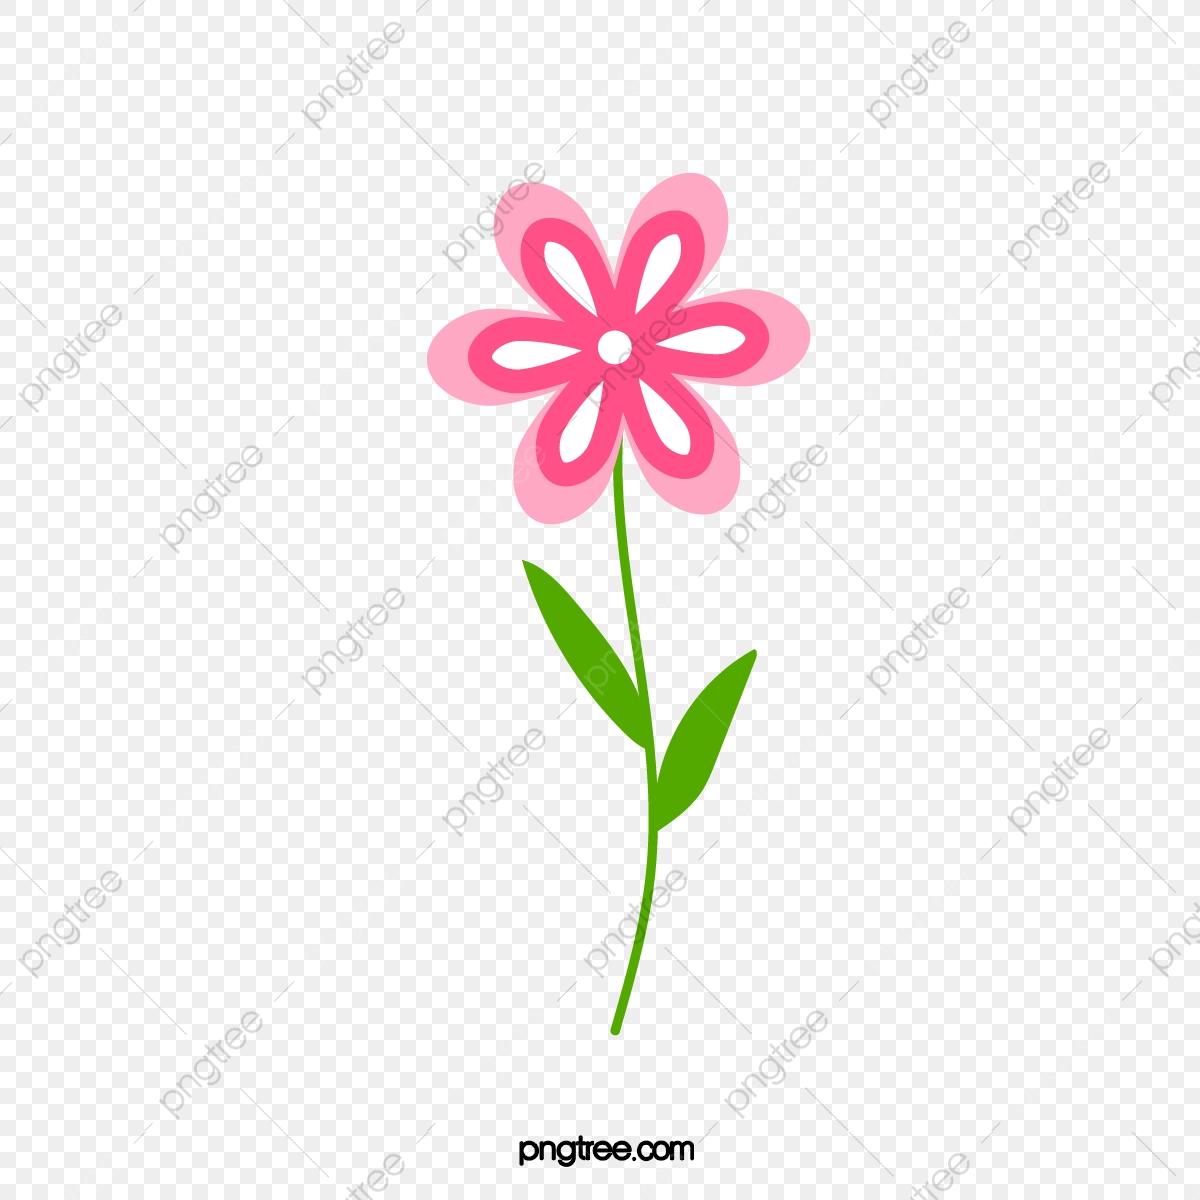 Mazzo Di Fiori Vector.Bouquet Di Fiori Rosa Le Infiorescenze Dipinta A Mano Dipinta A